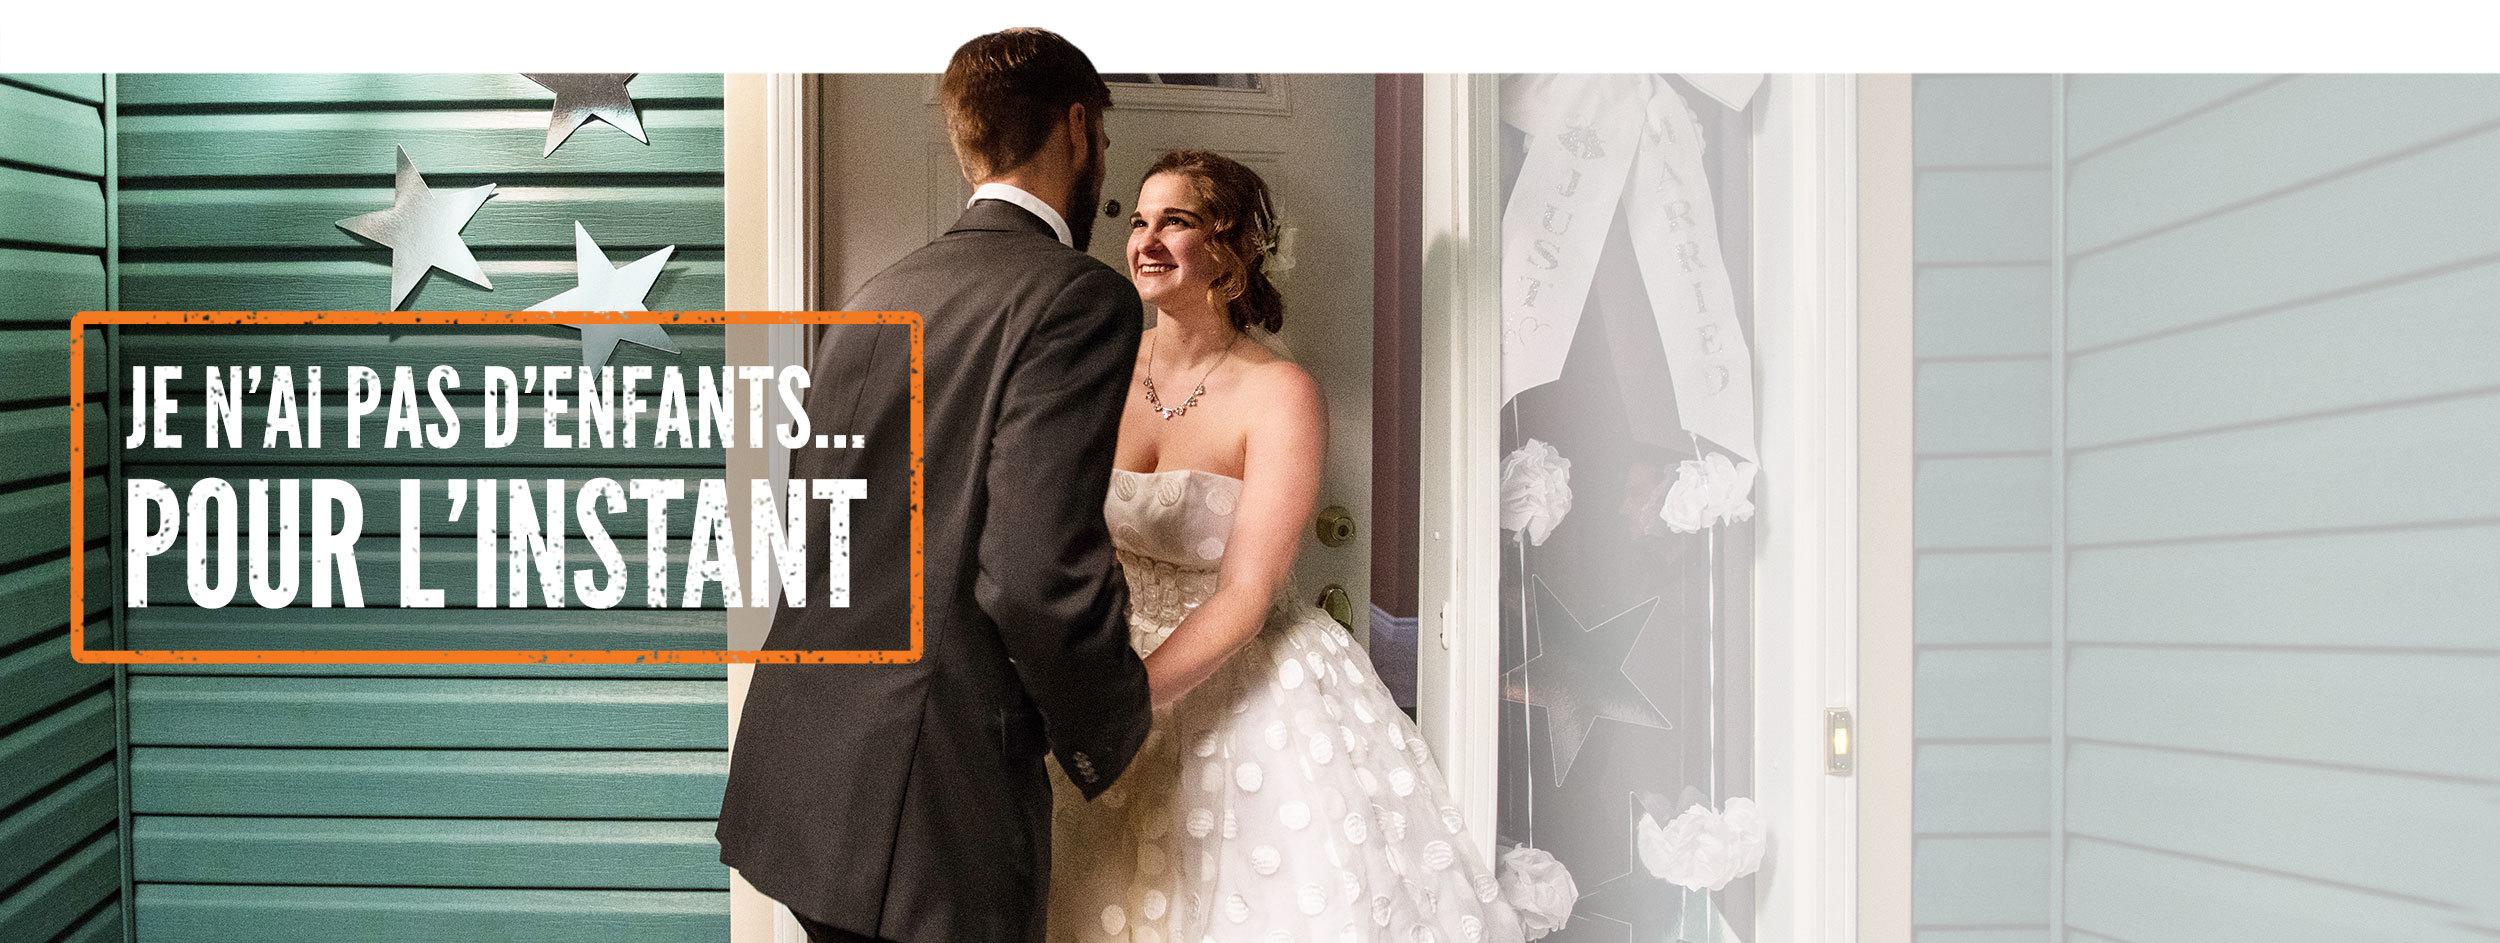 Photo d'un couple de jeunes mariés entrant dans une maison. Le texte « Je n'ai pas d'enfants… pour l'instant » accompagne la photo.